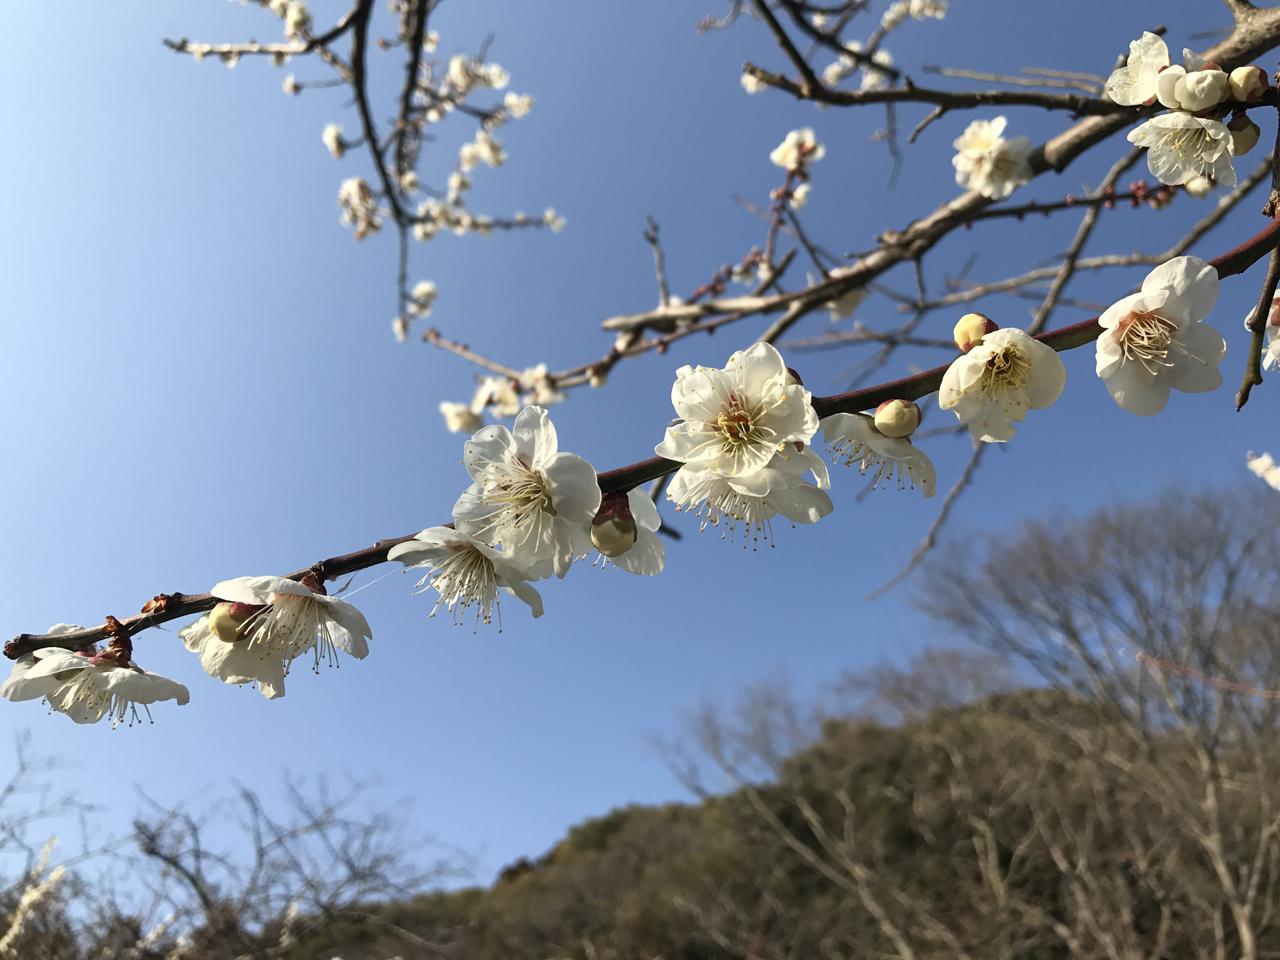 つぼみ膨らむ時期、春の一歩手前。